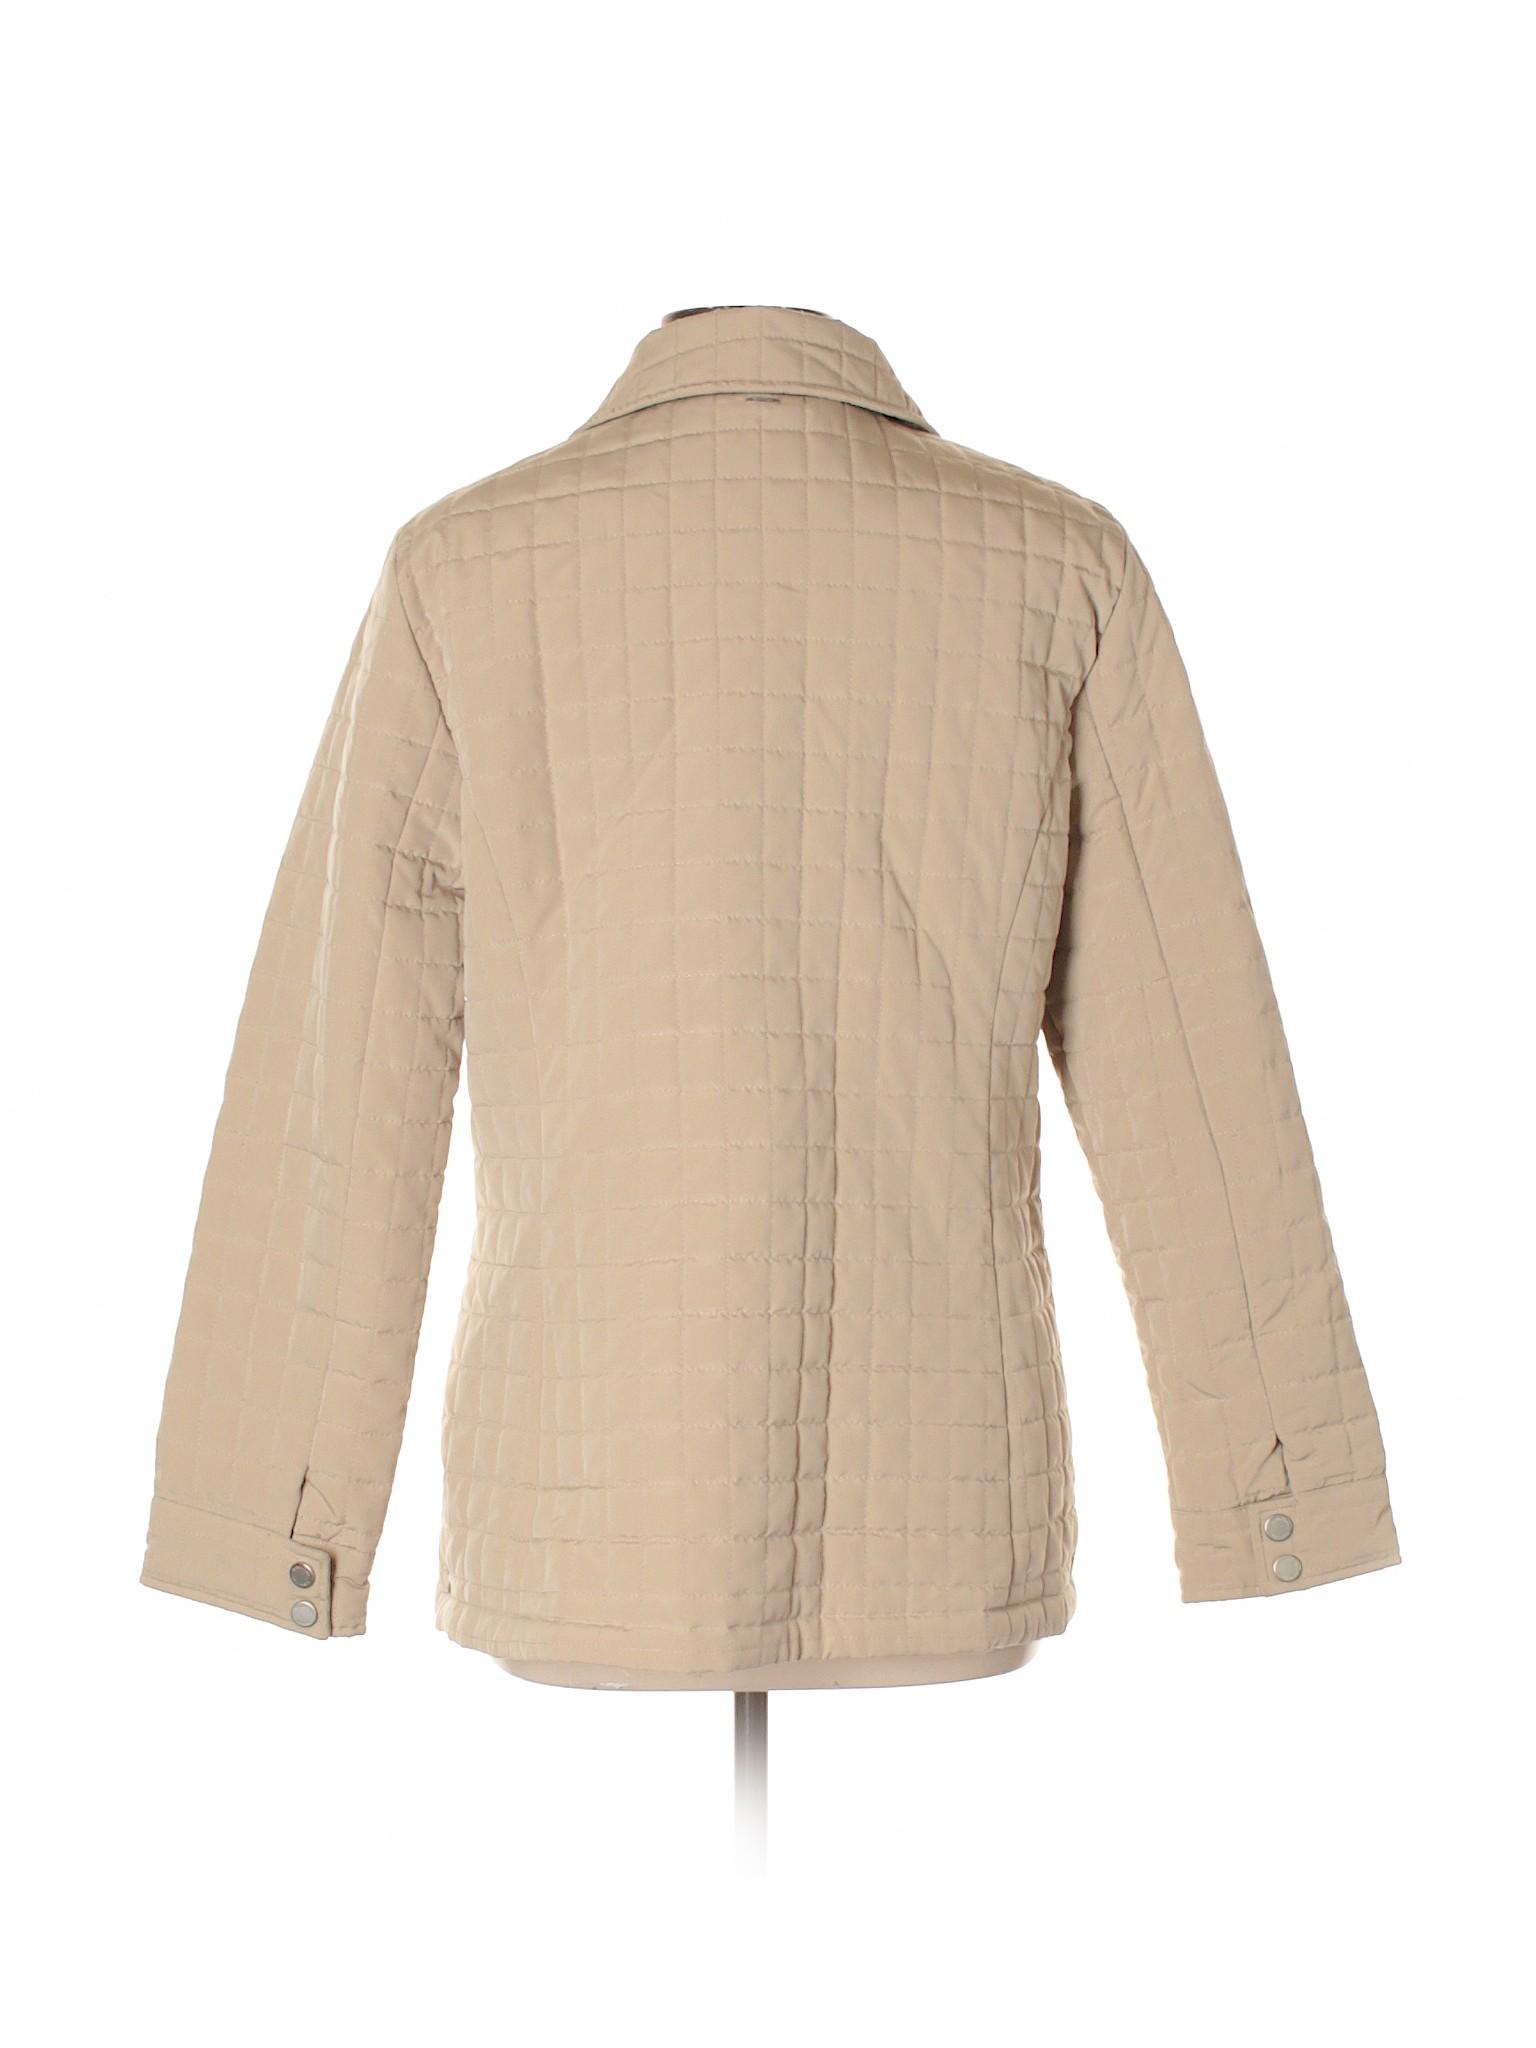 Calvin Klein winter Boutique Boutique Boutique Boutique Klein winter Coat Coat Klein winter Calvin Coat Calvin qtCnO5wa